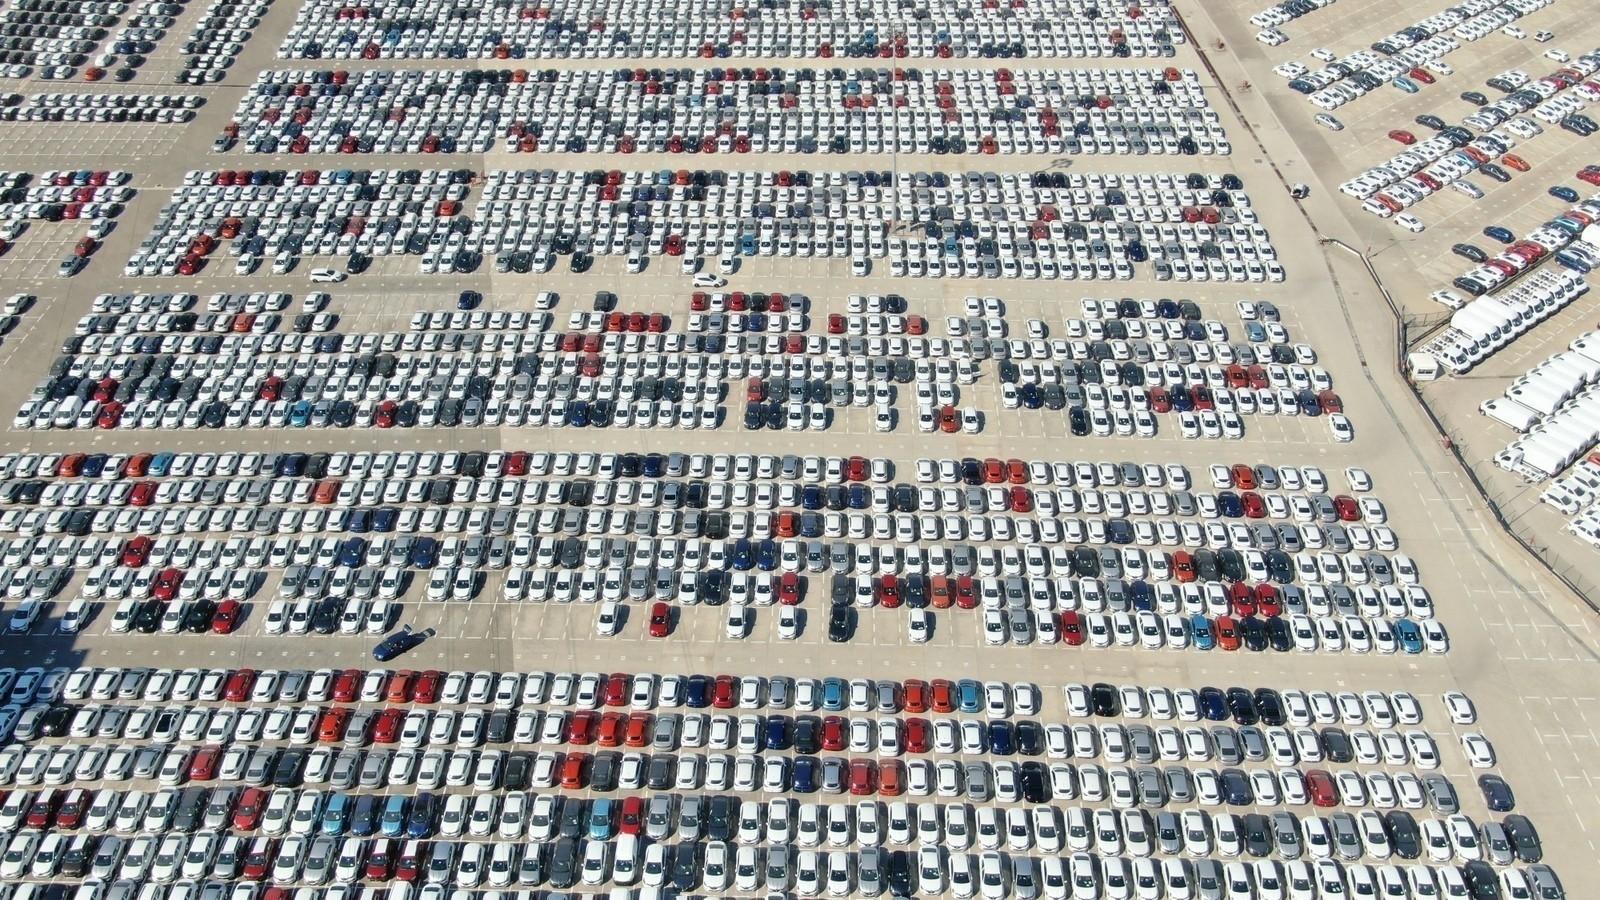 Otomotiv ihracatı nisanda yüz güldürdü